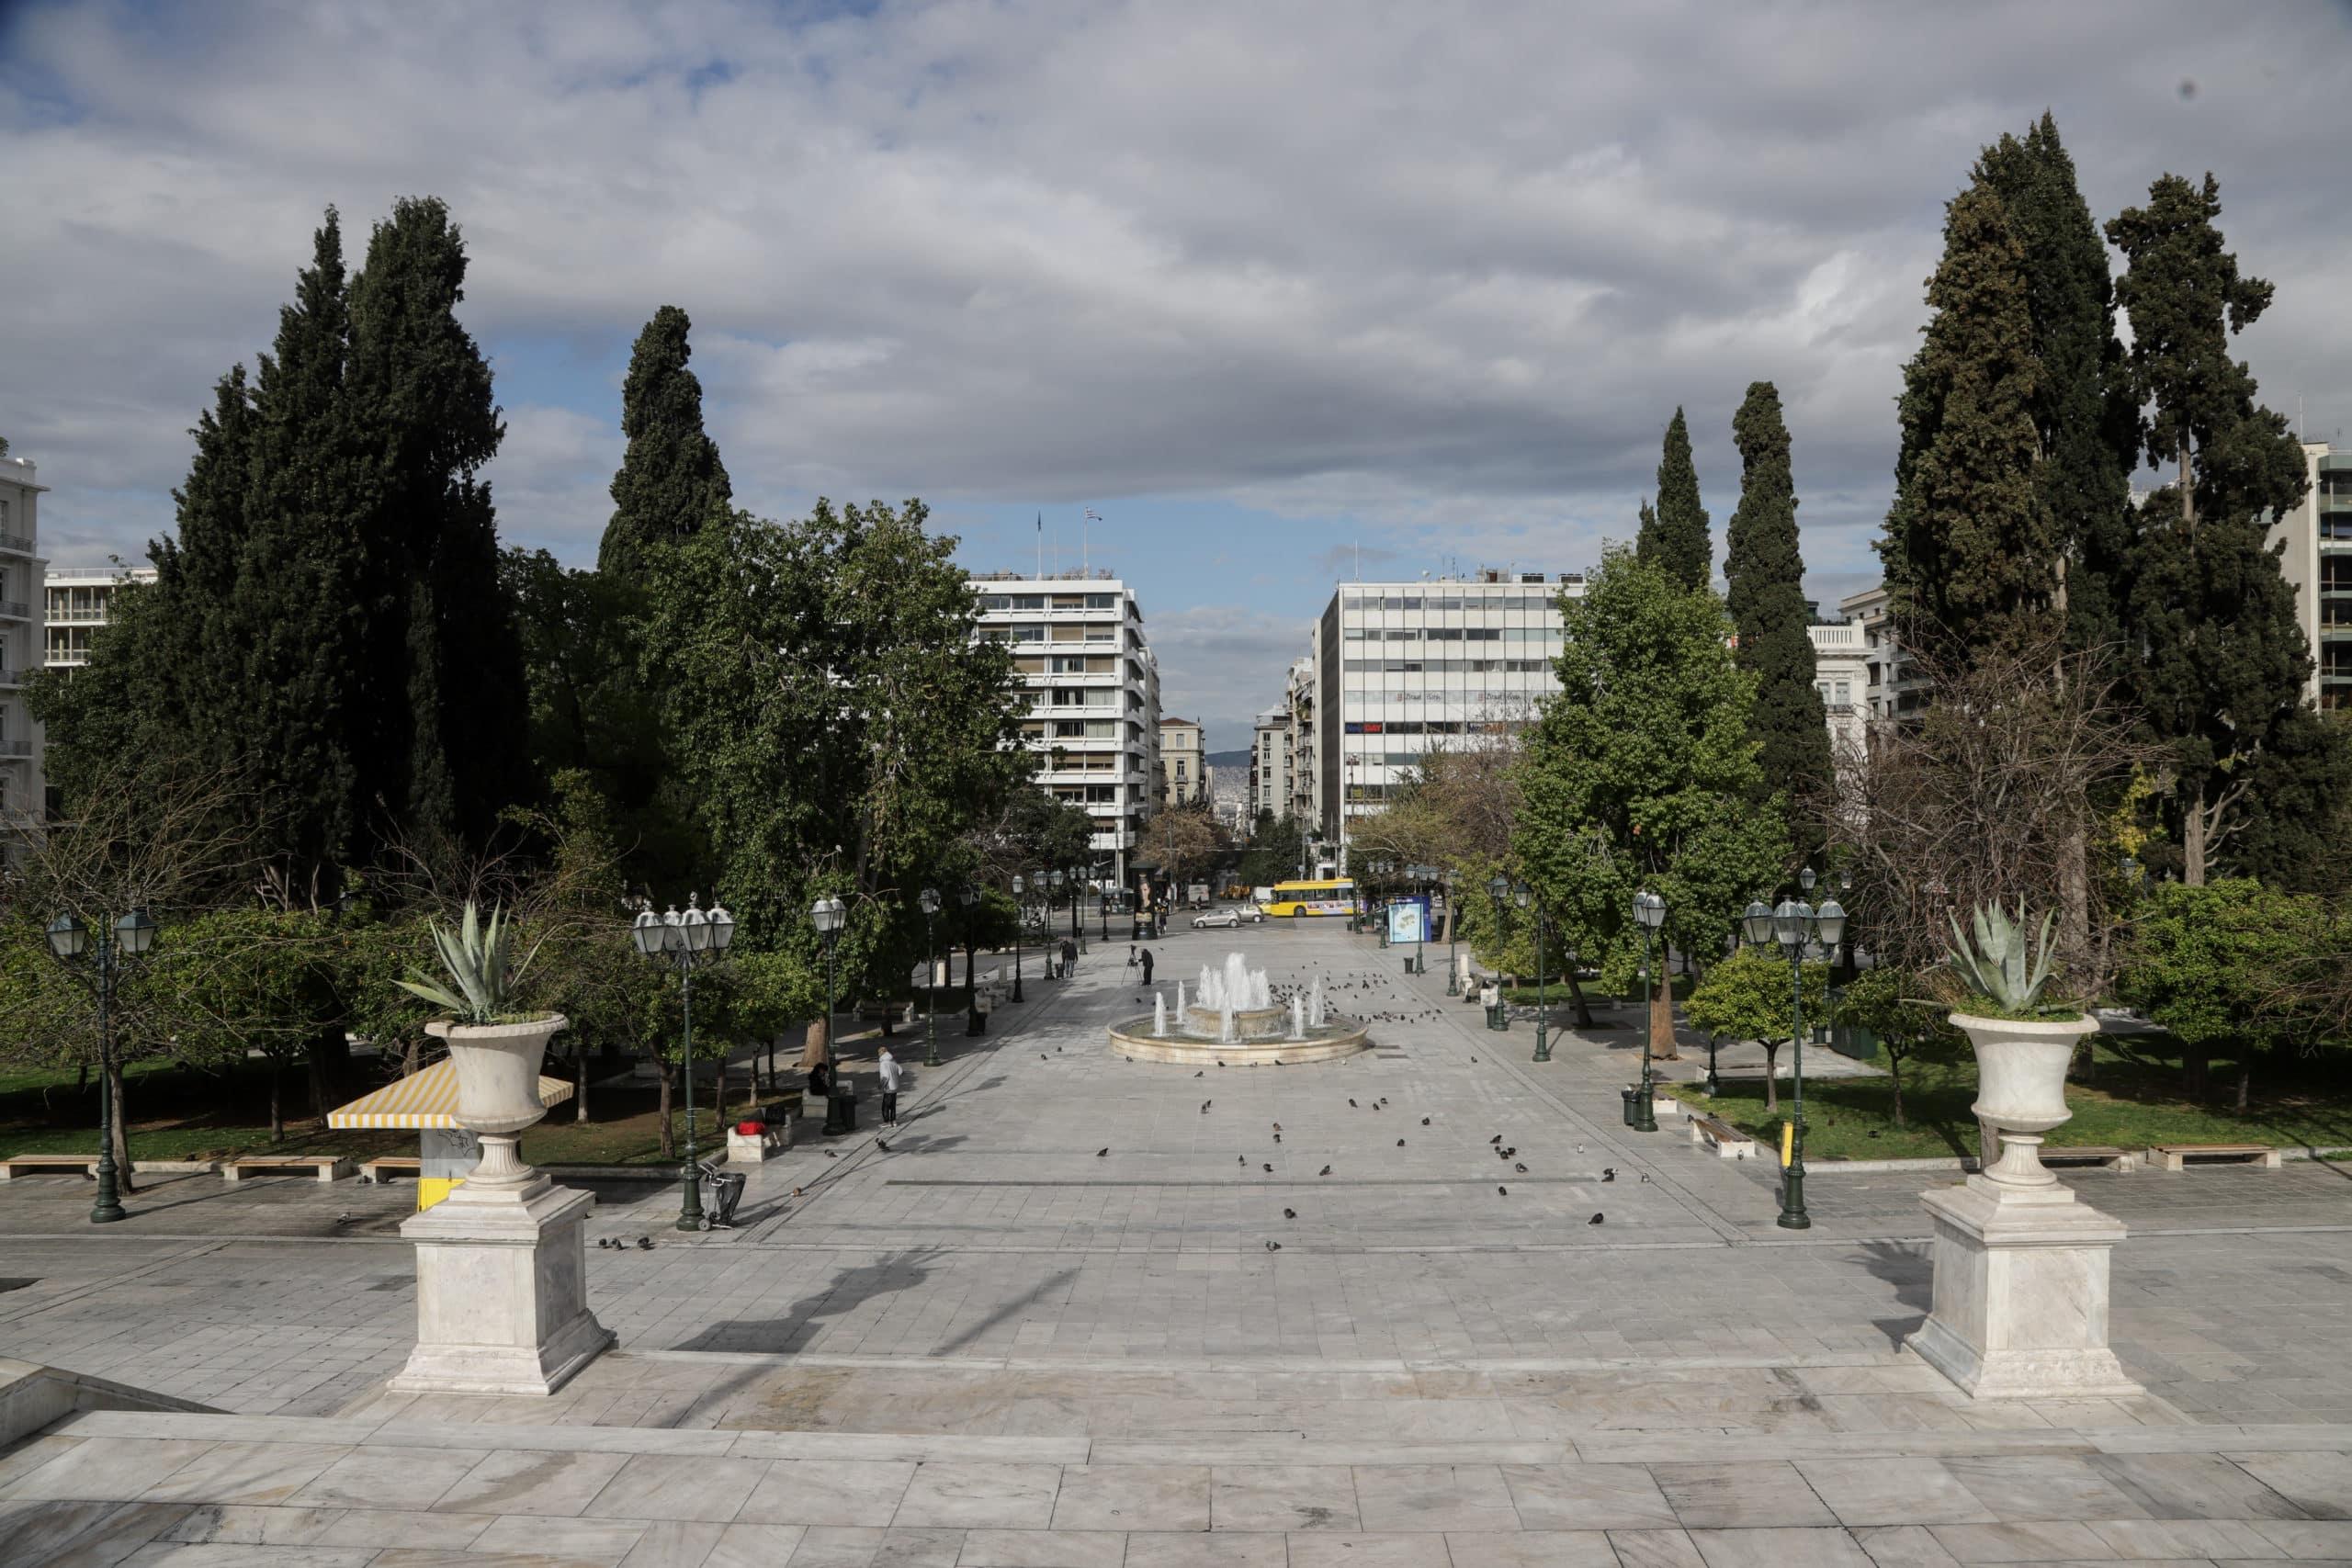 Προκήρυξη για 400 θέσεις εργασίας - Δήμος Αθηναίων